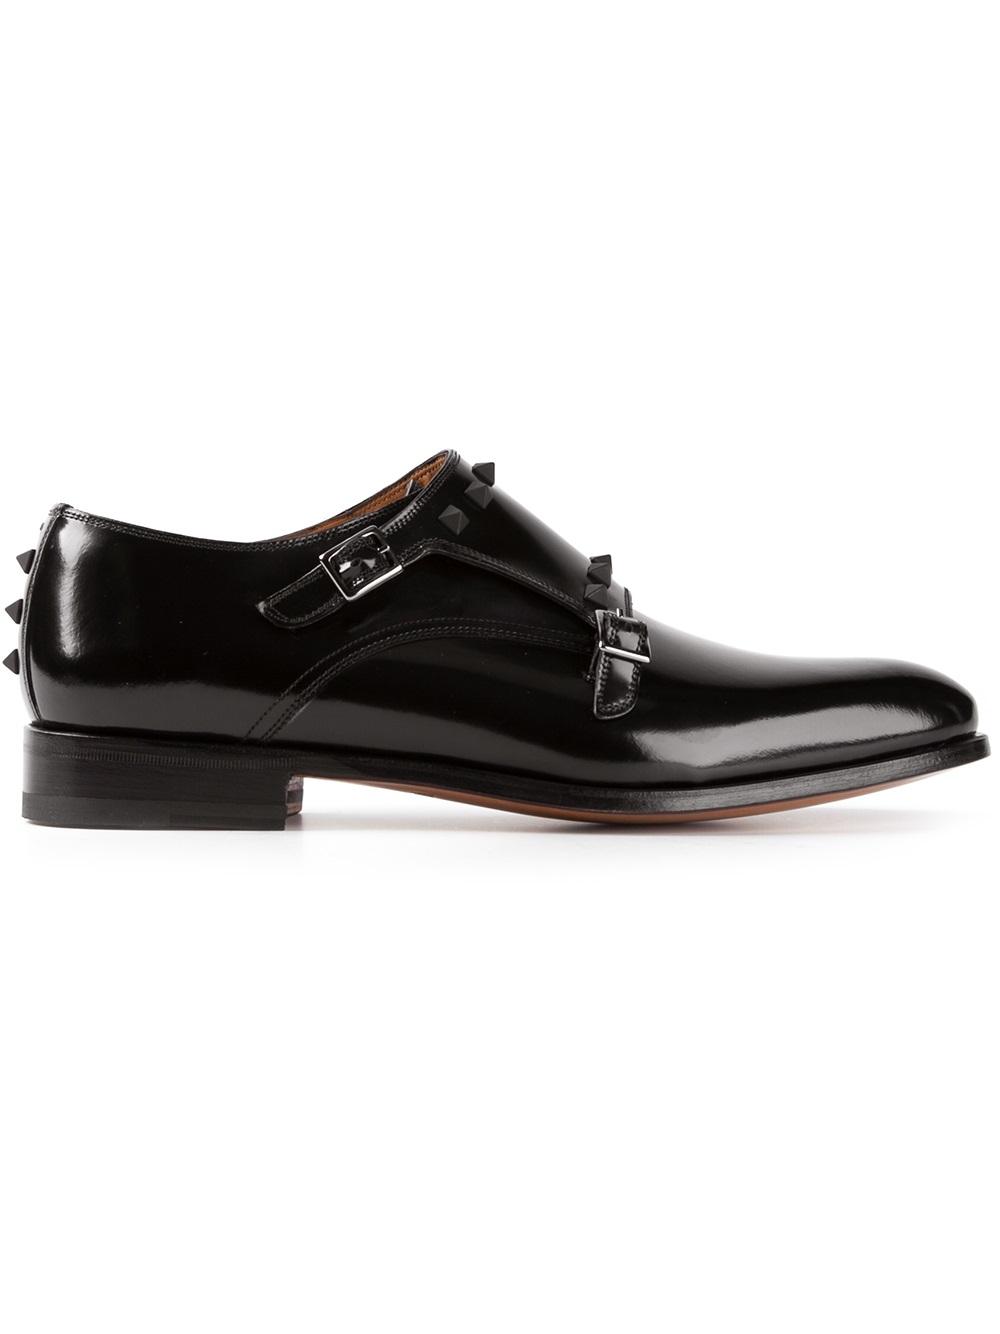 Black Double Strap Monk Shoes Khakis